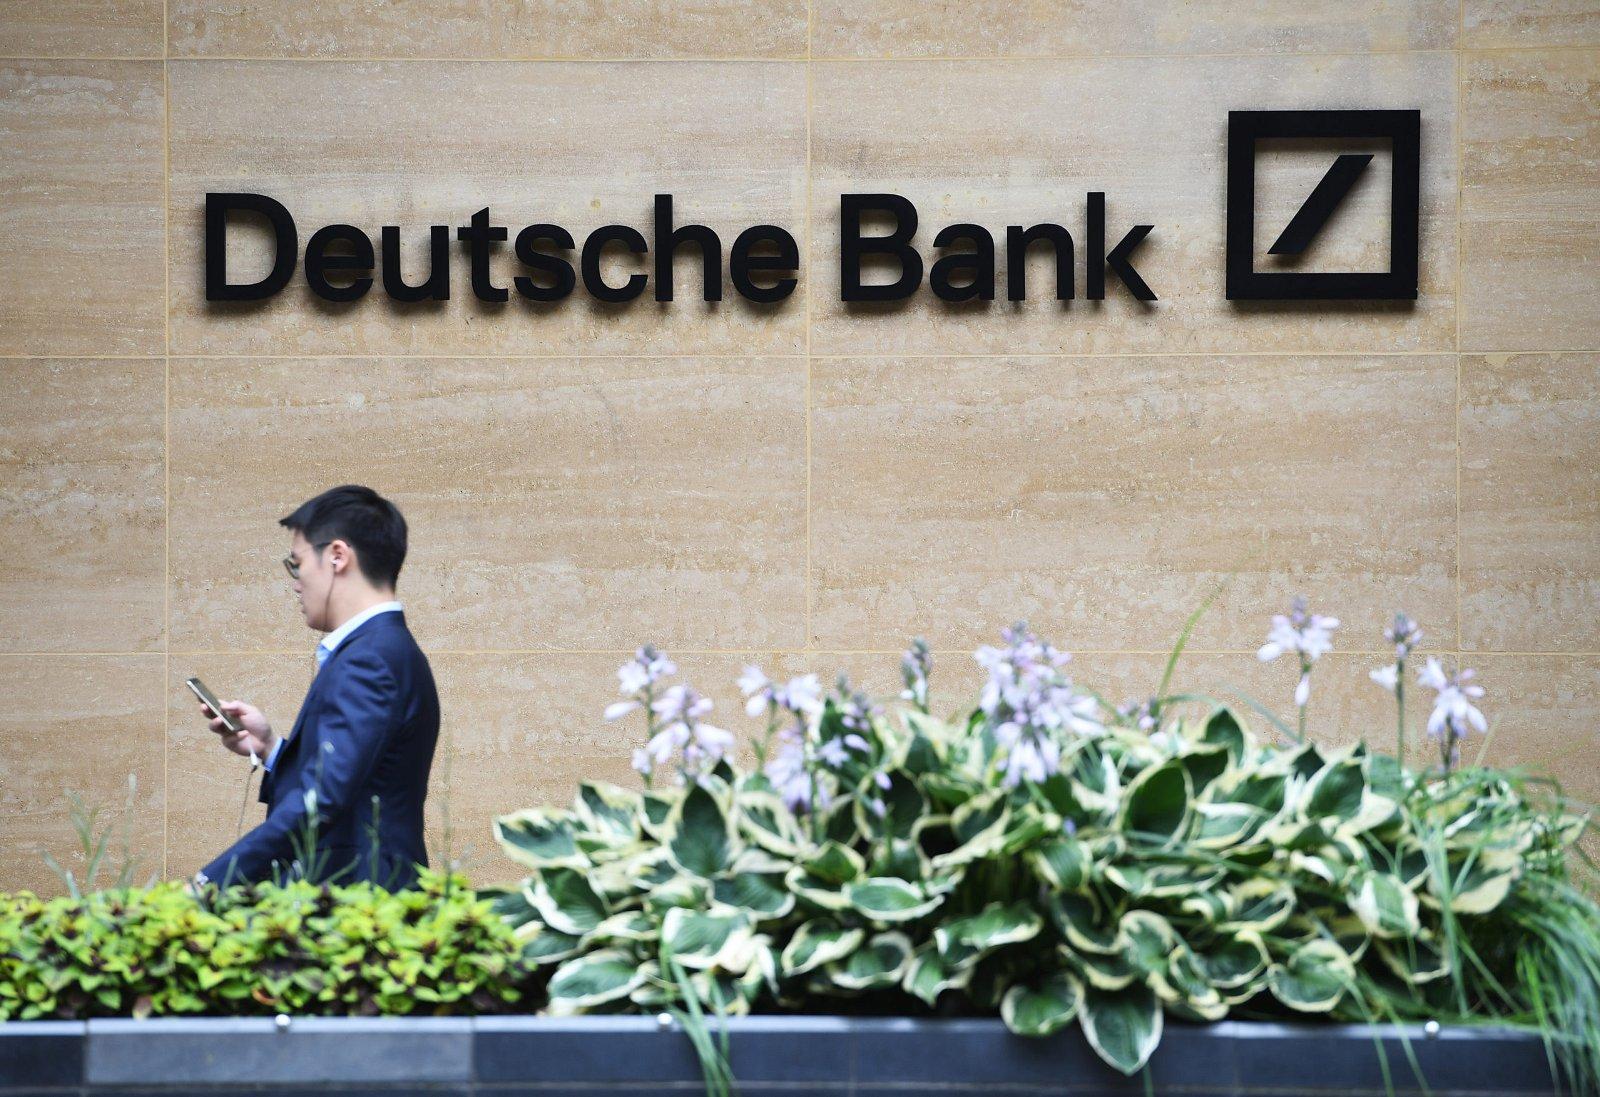 Au cours de la dernière année, plus de 75.000 emplois ont déjà été perdus dans le secteur bancaire. L'Europe en particulier en paie le prix, avec 86 % des emplois perdus.